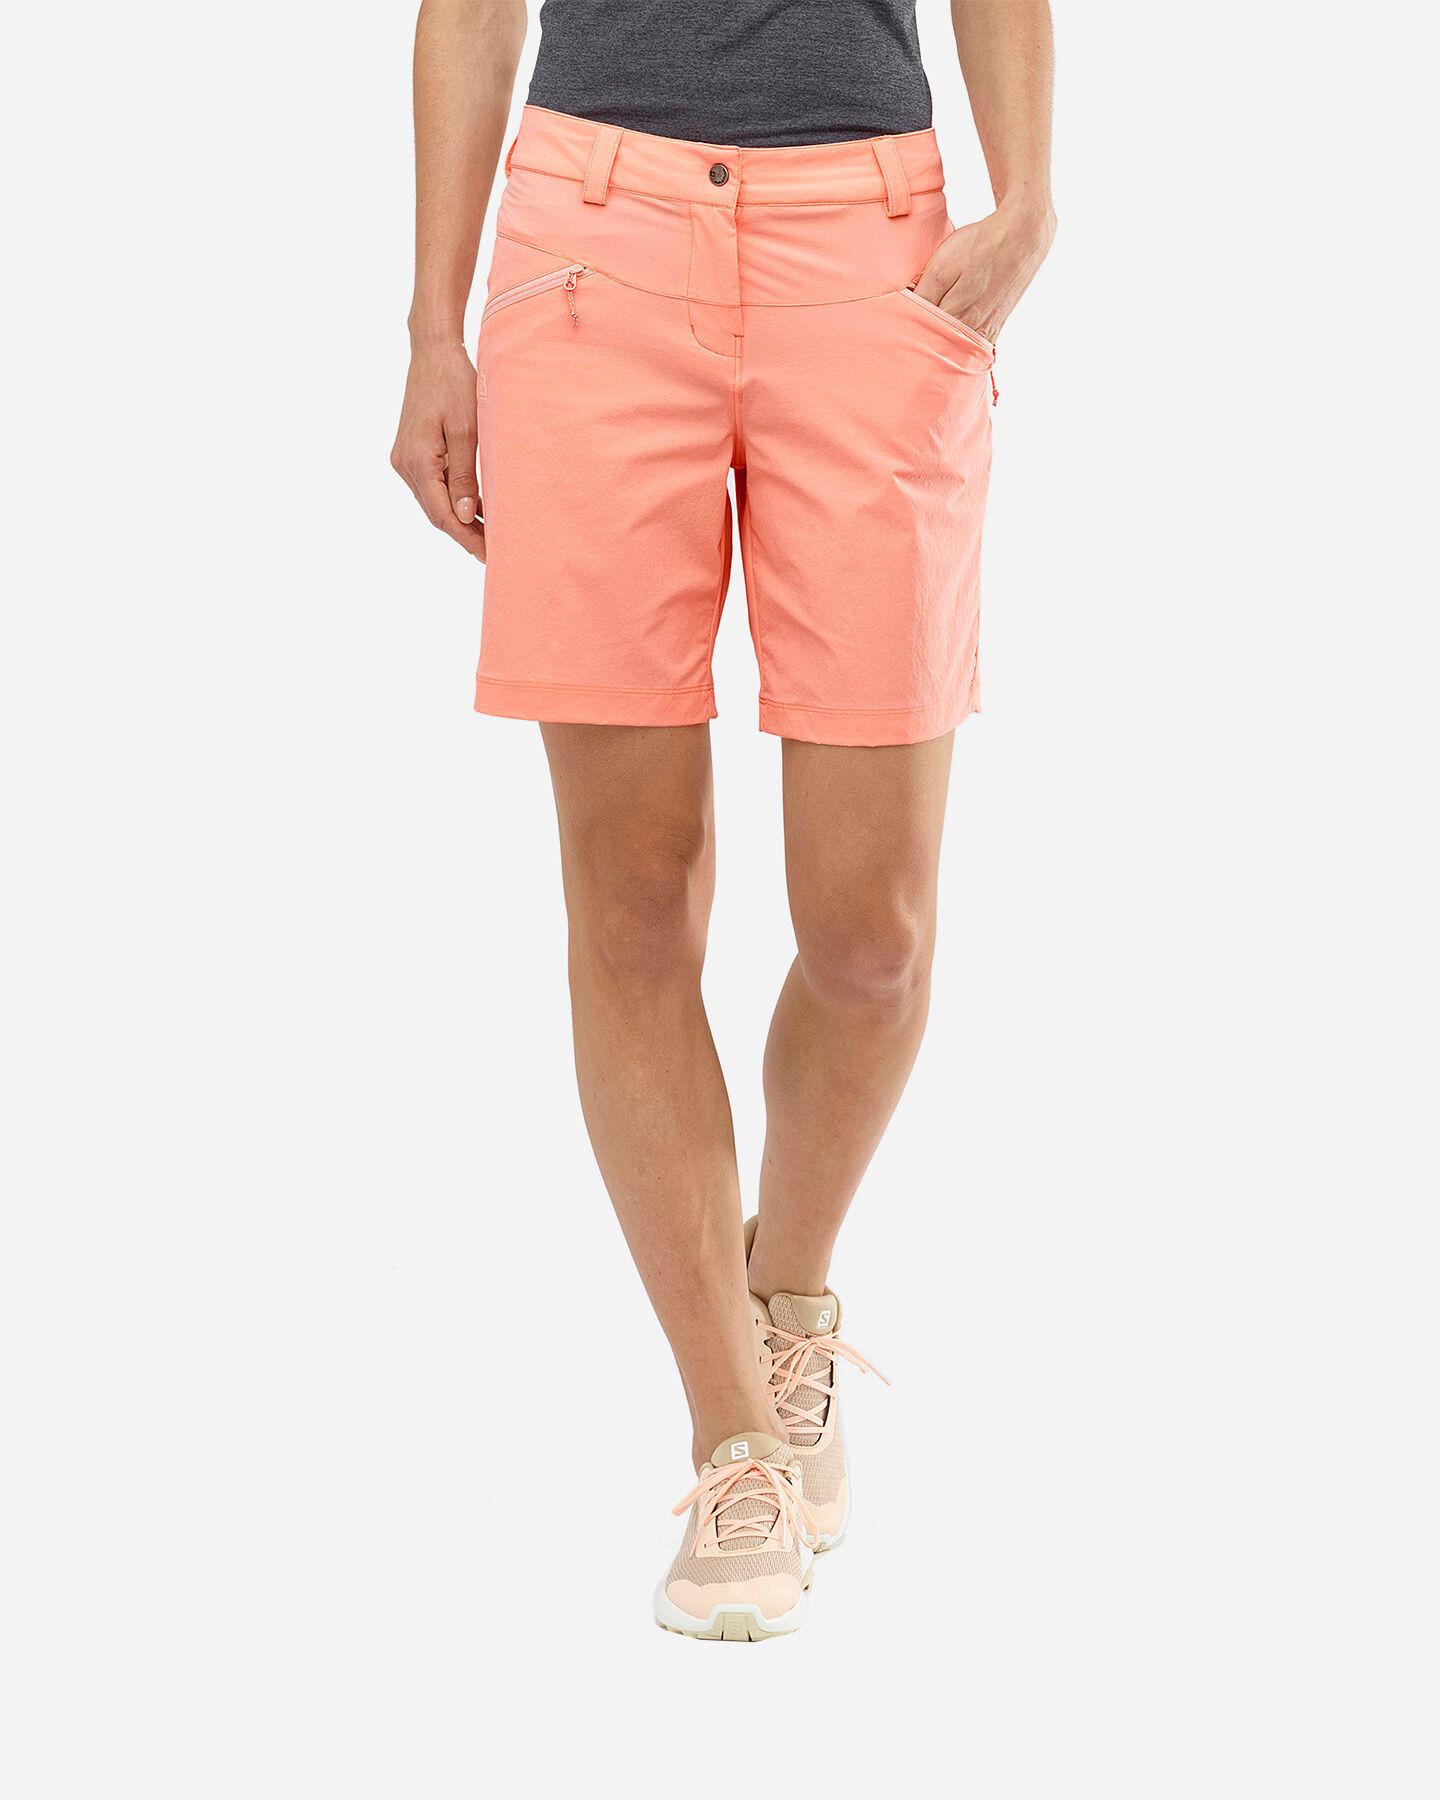 Pantaloncini SALOMON WAYFARER LT W S5191134 scatto 3